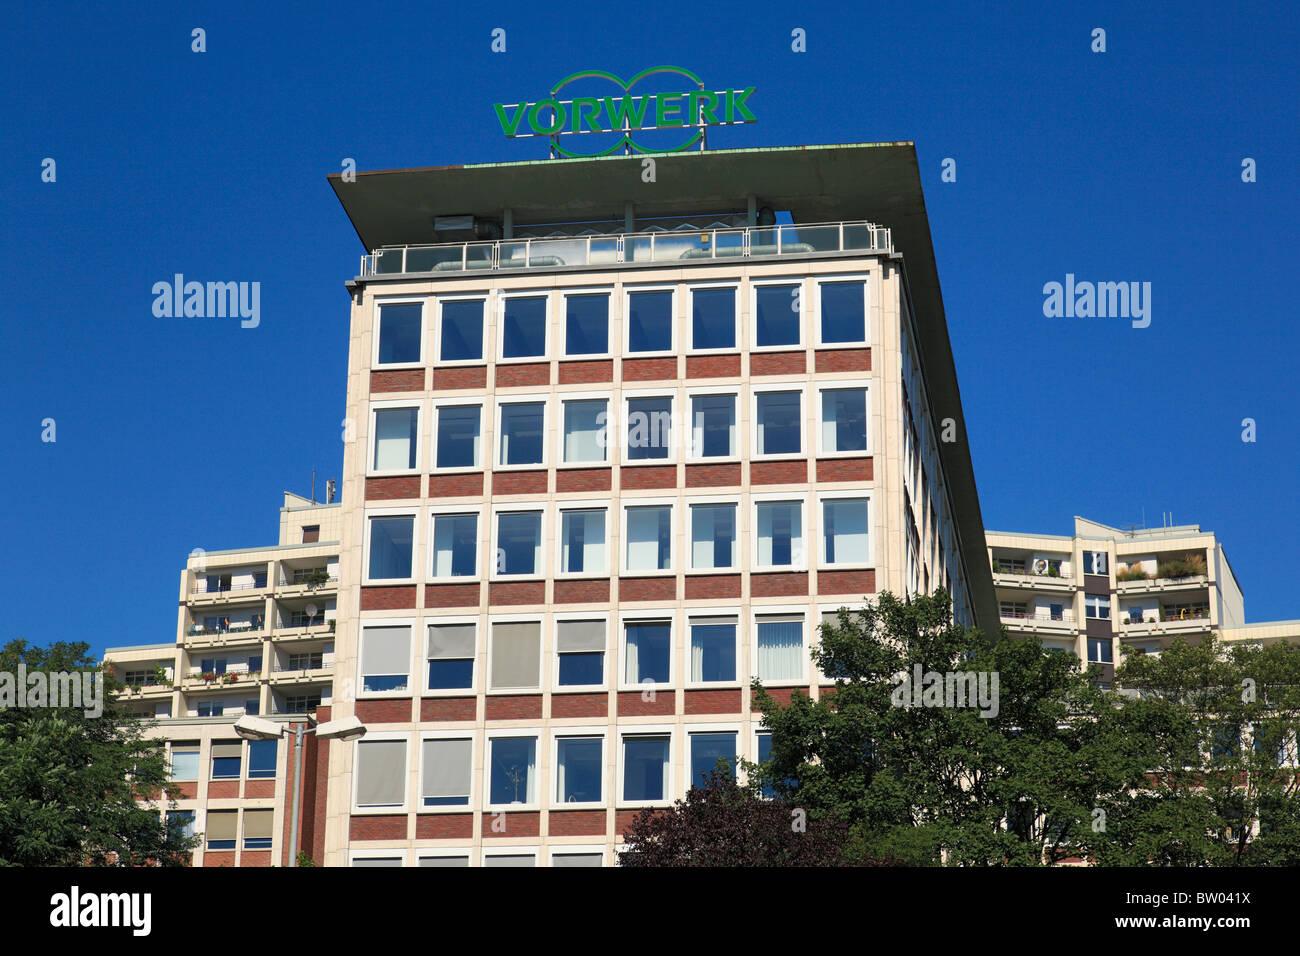 Verwaltungsgebaeude der Firma Vorwerk en Wuppertal-Barmen, Wupper, Bergisches Land Nordrhein-Westfalen, Imagen De Stock